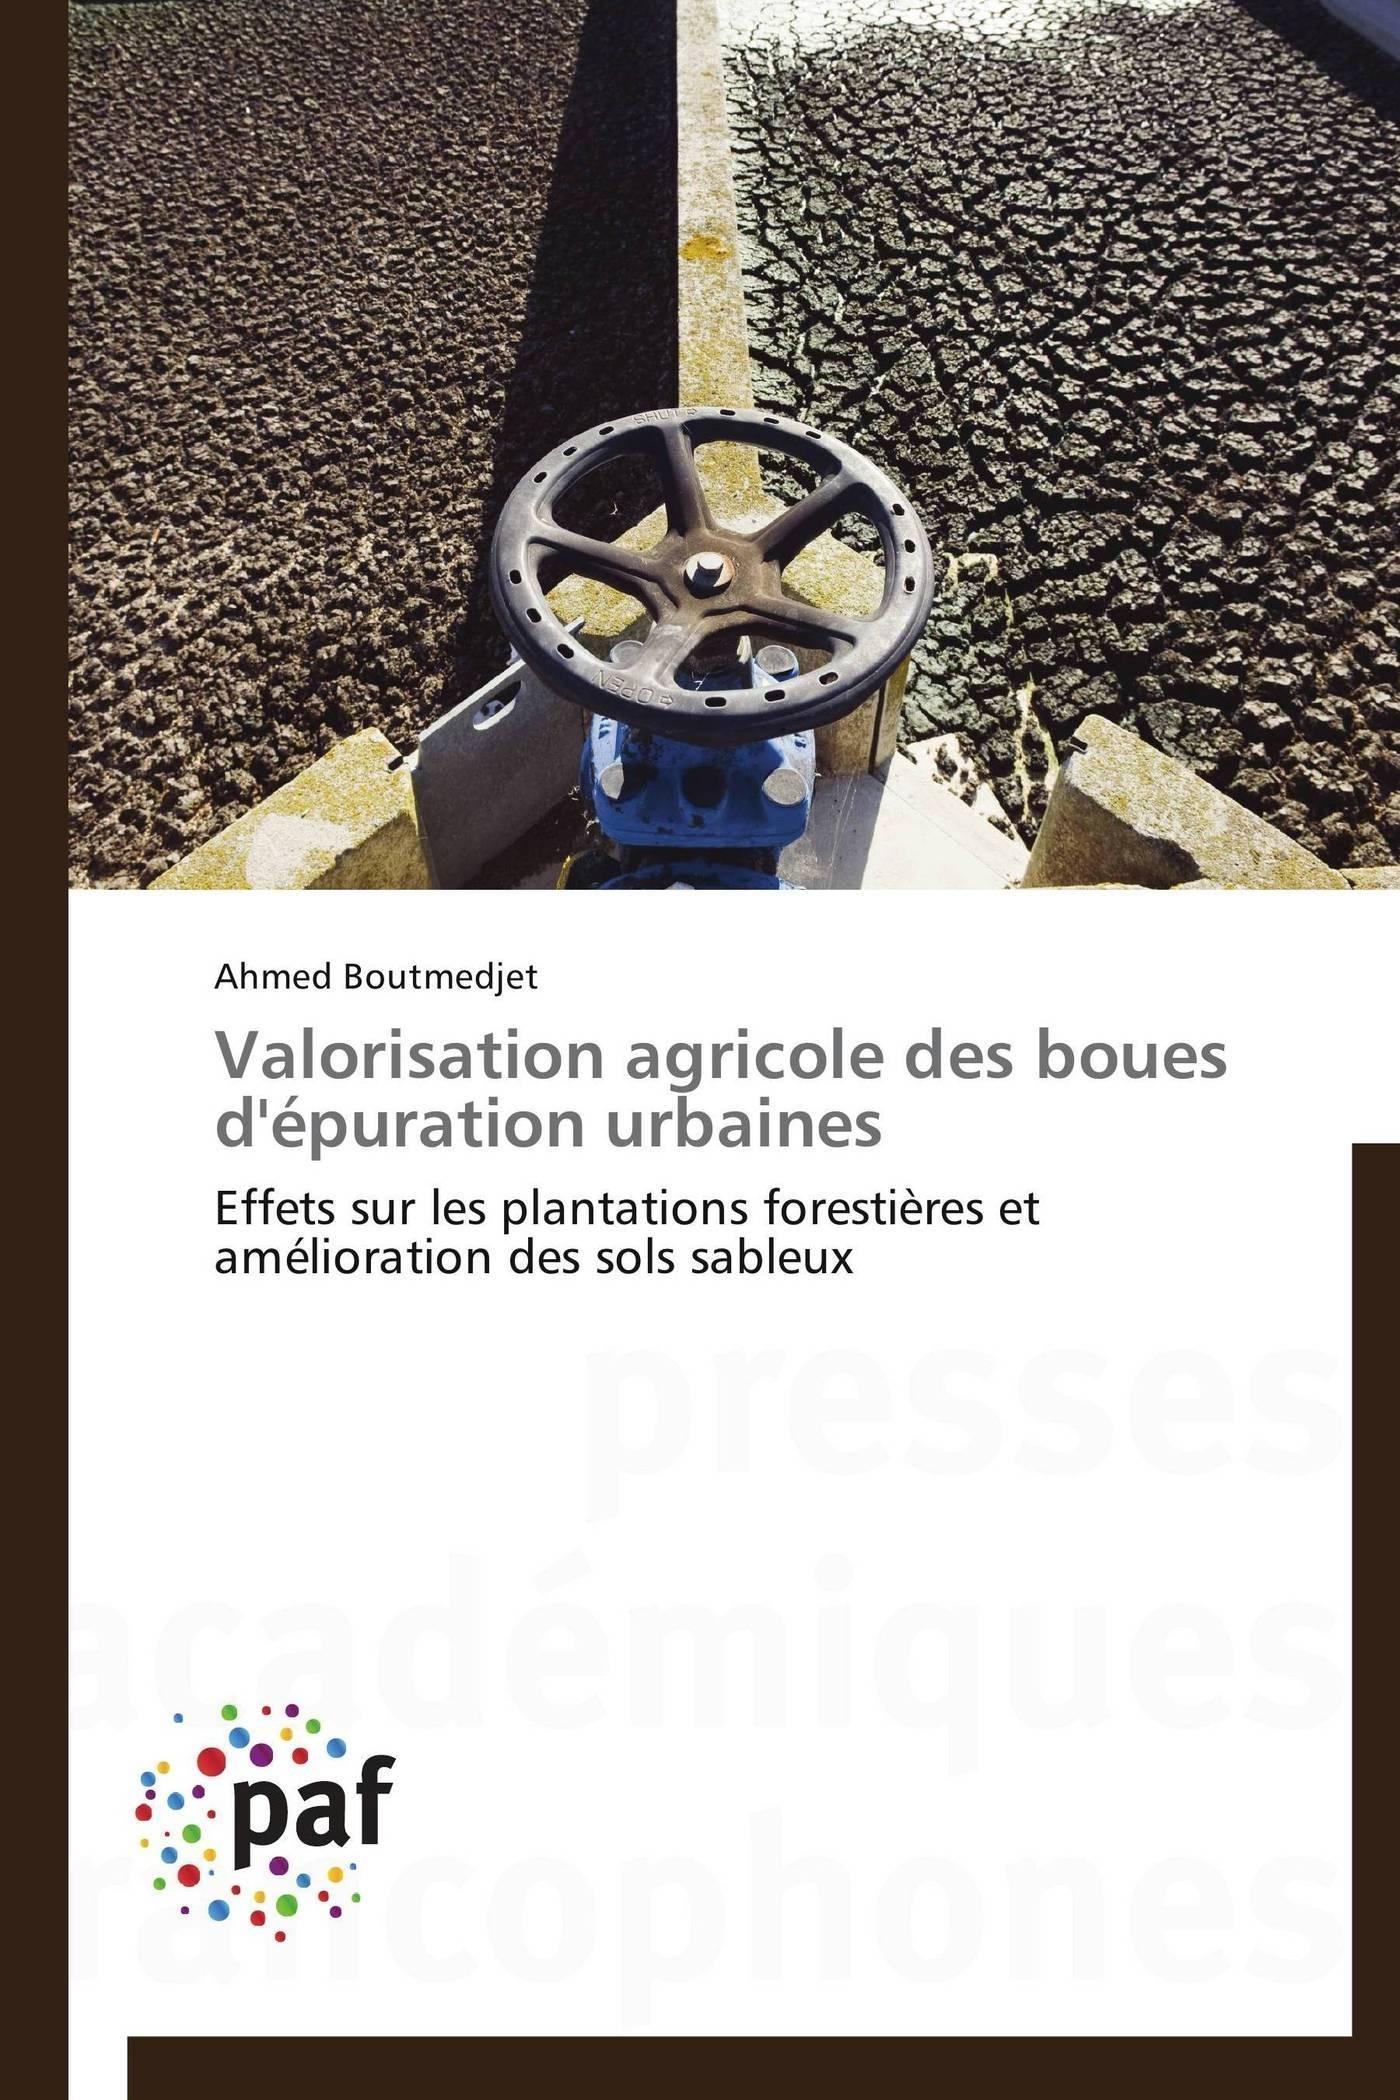 VALORISATION AGRICOLE DES BOUES D'EPURATION URBAINES